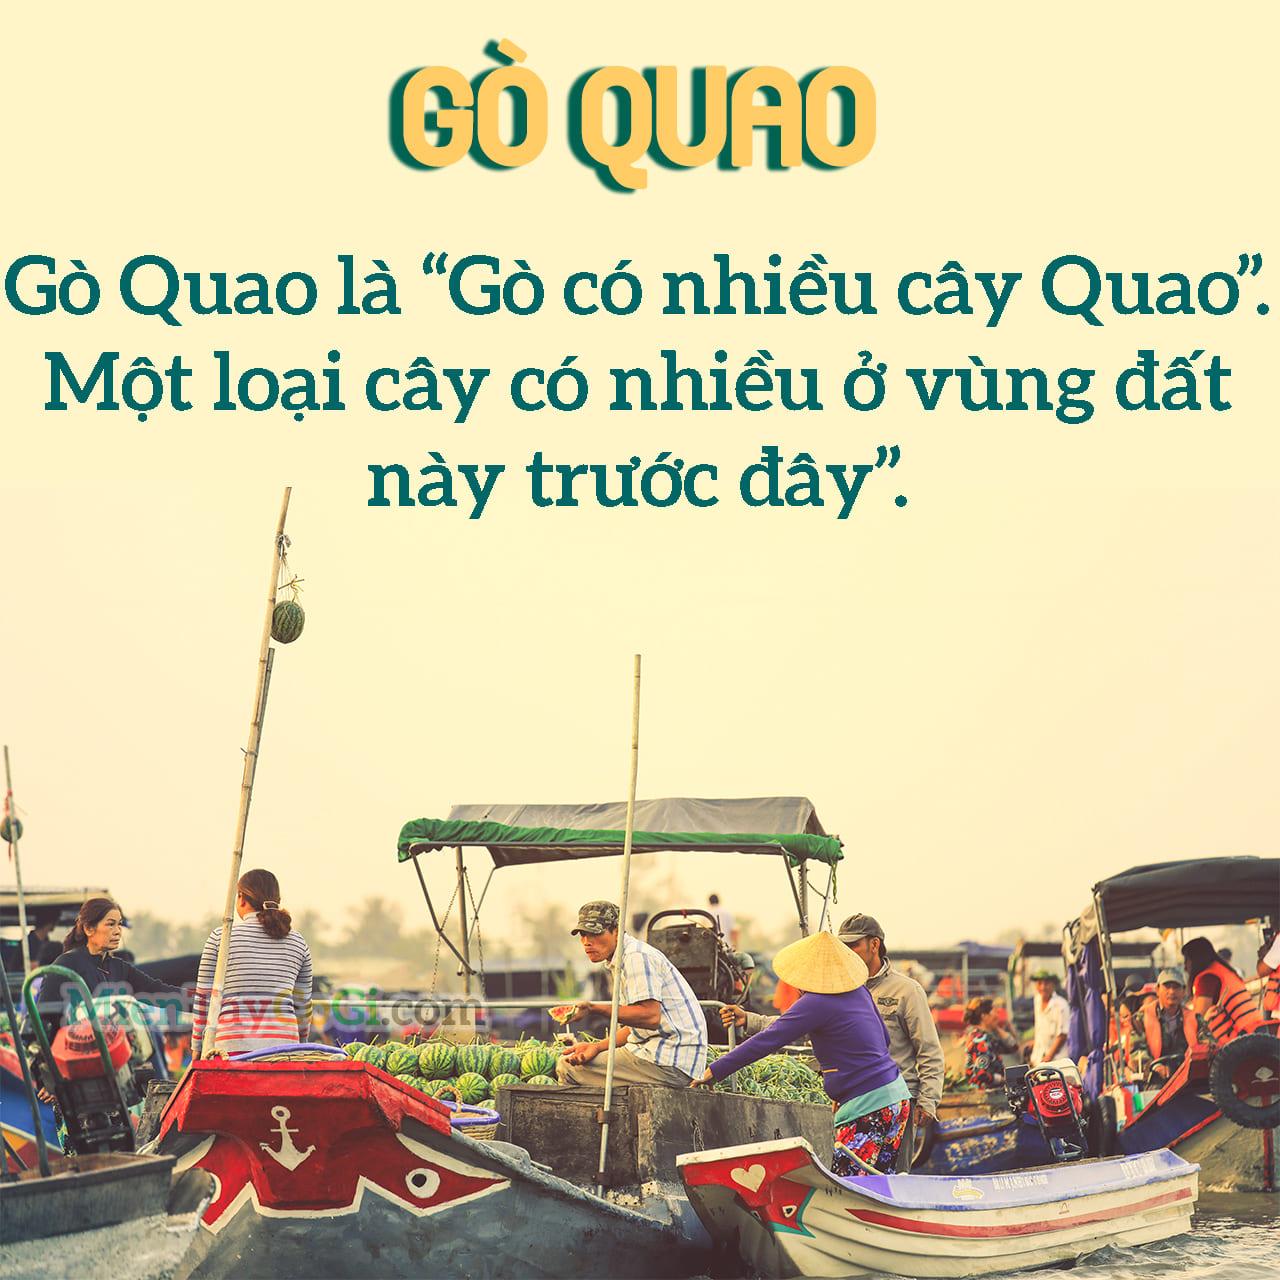 Ý nghĩa của địa danh Gò Quao là gì